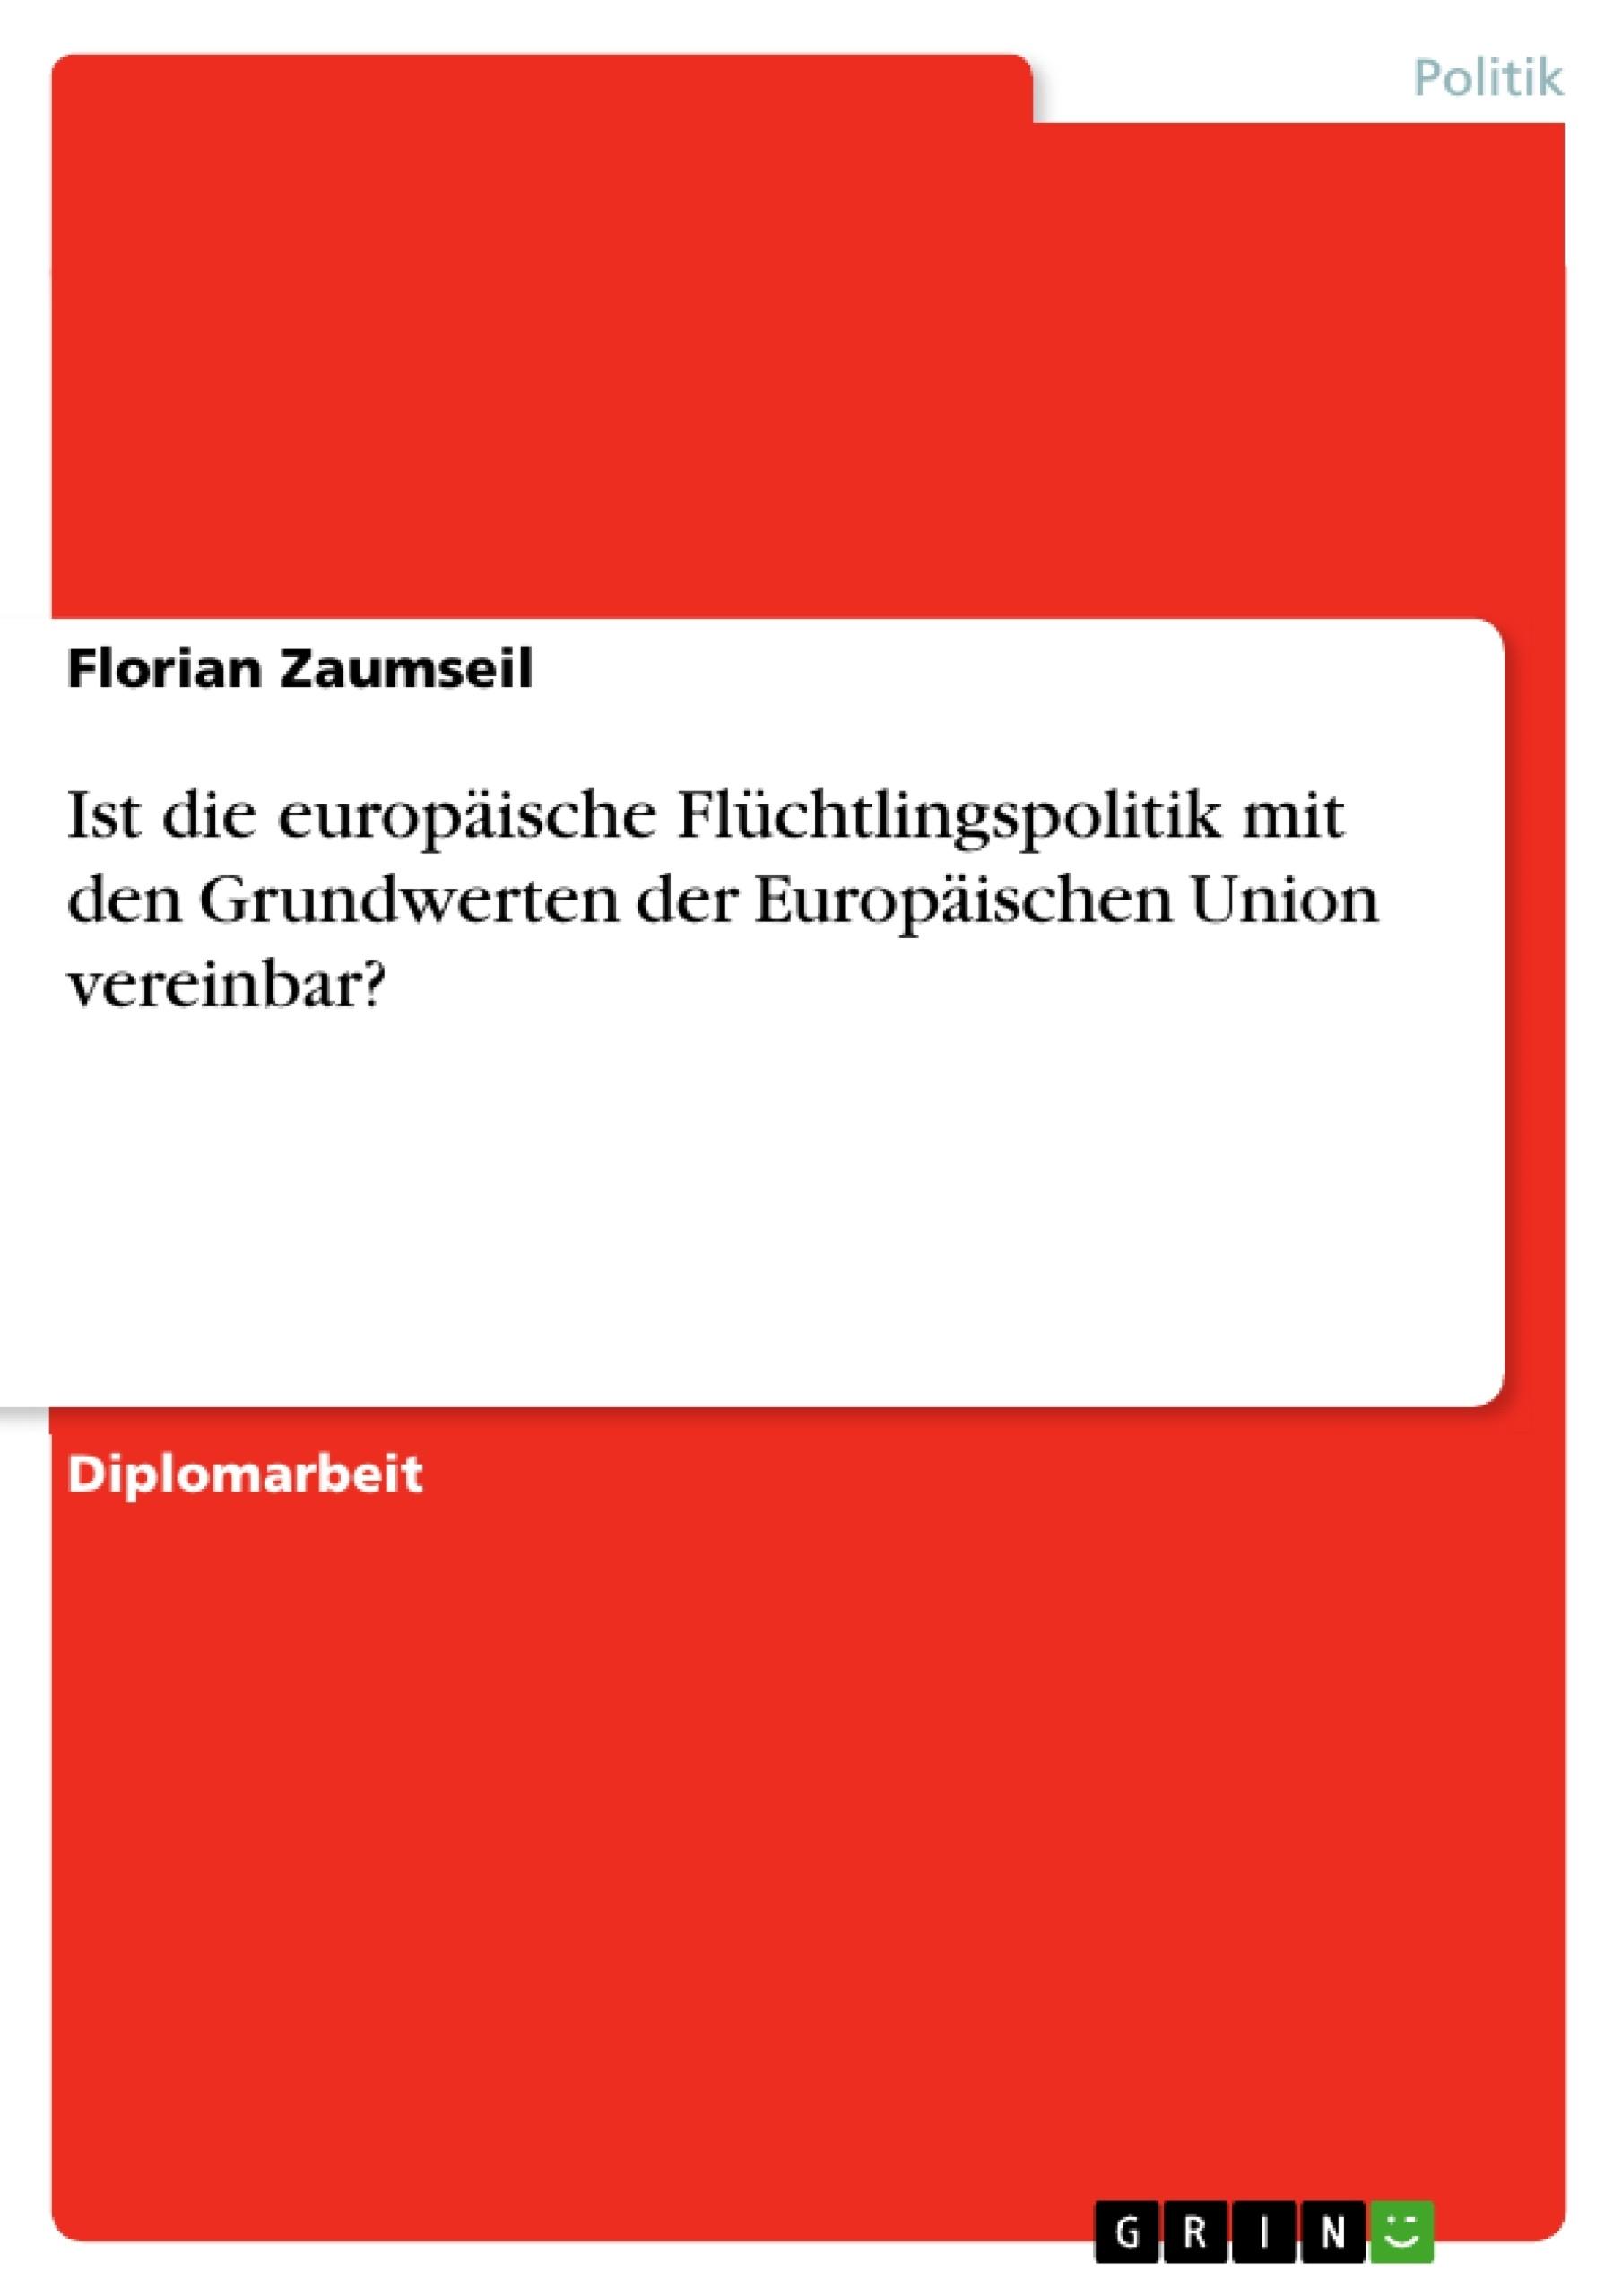 Titel: Ist die europäische Flüchtlingspolitik mit den Grundwerten der Europäischen Union vereinbar?